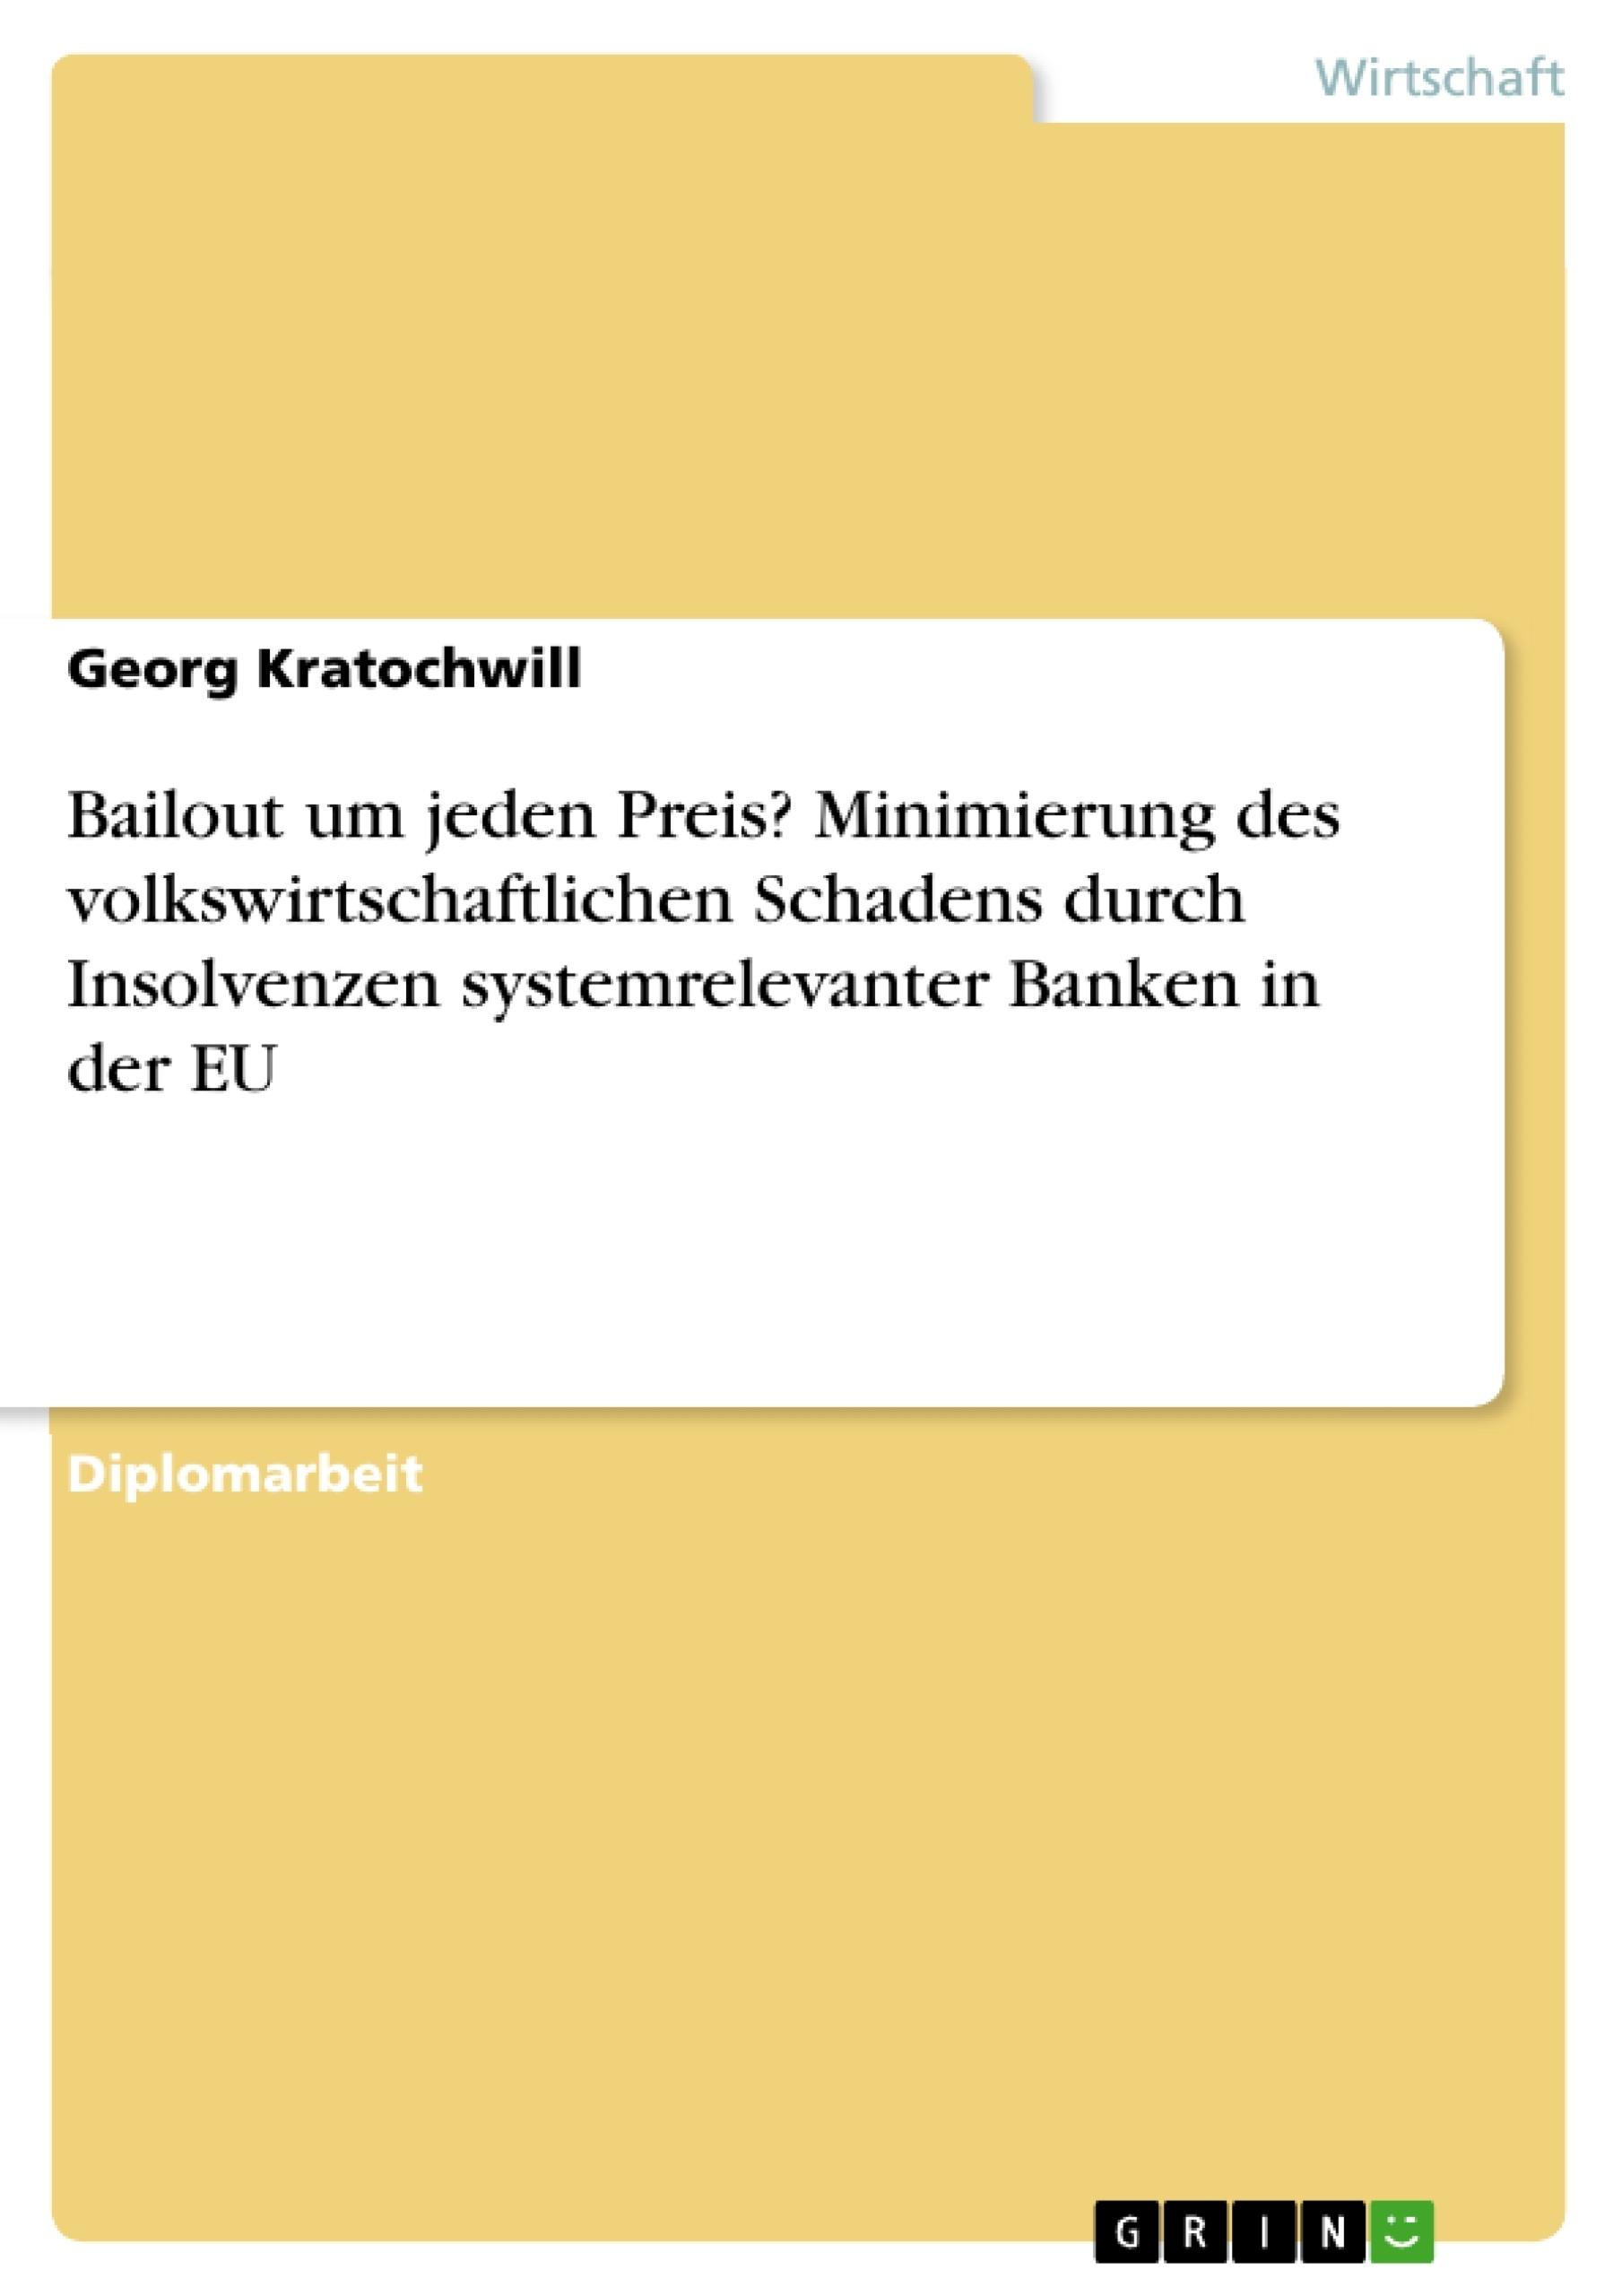 Titel: Bailout um jeden Preis? Minimierung des volkswirtschaftlichen Schadens durch Insolvenzen systemrelevanter Banken in der EU